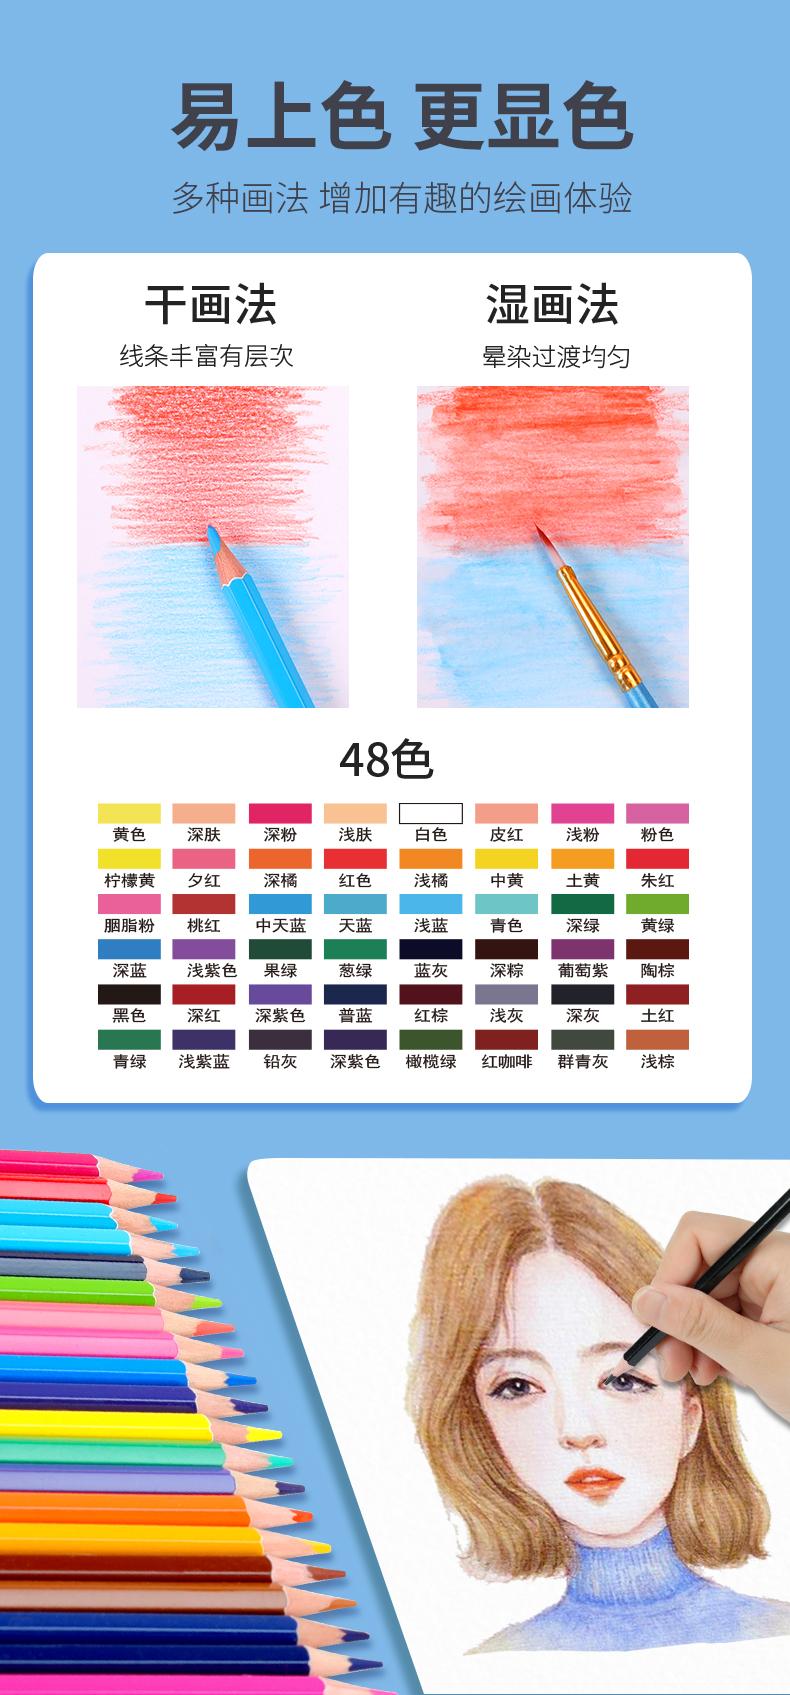 儿童画板配件无尘粉笔白板笔素描绘画卷纸4K画纸彩色铅笔涂鸦认知卡宝宝阶梯涂色本 水画涂鸦认知卡套装